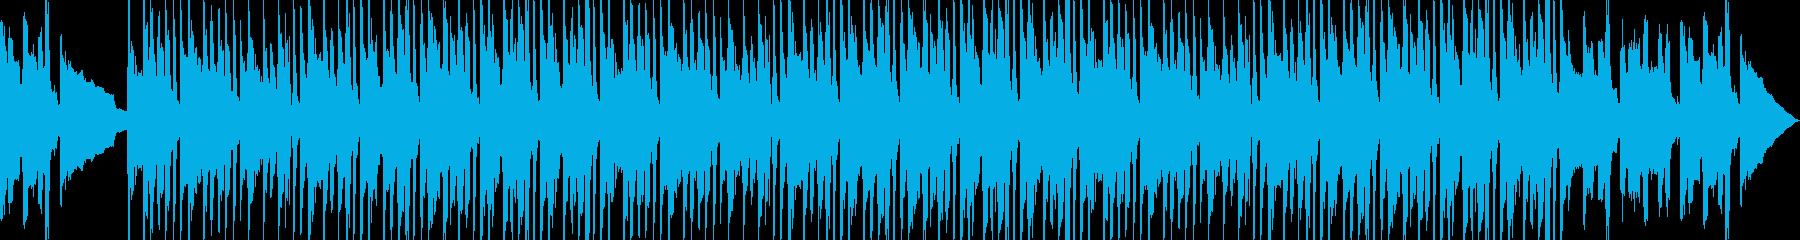 ビンテージドラムマシンの心地よいロ...の再生済みの波形